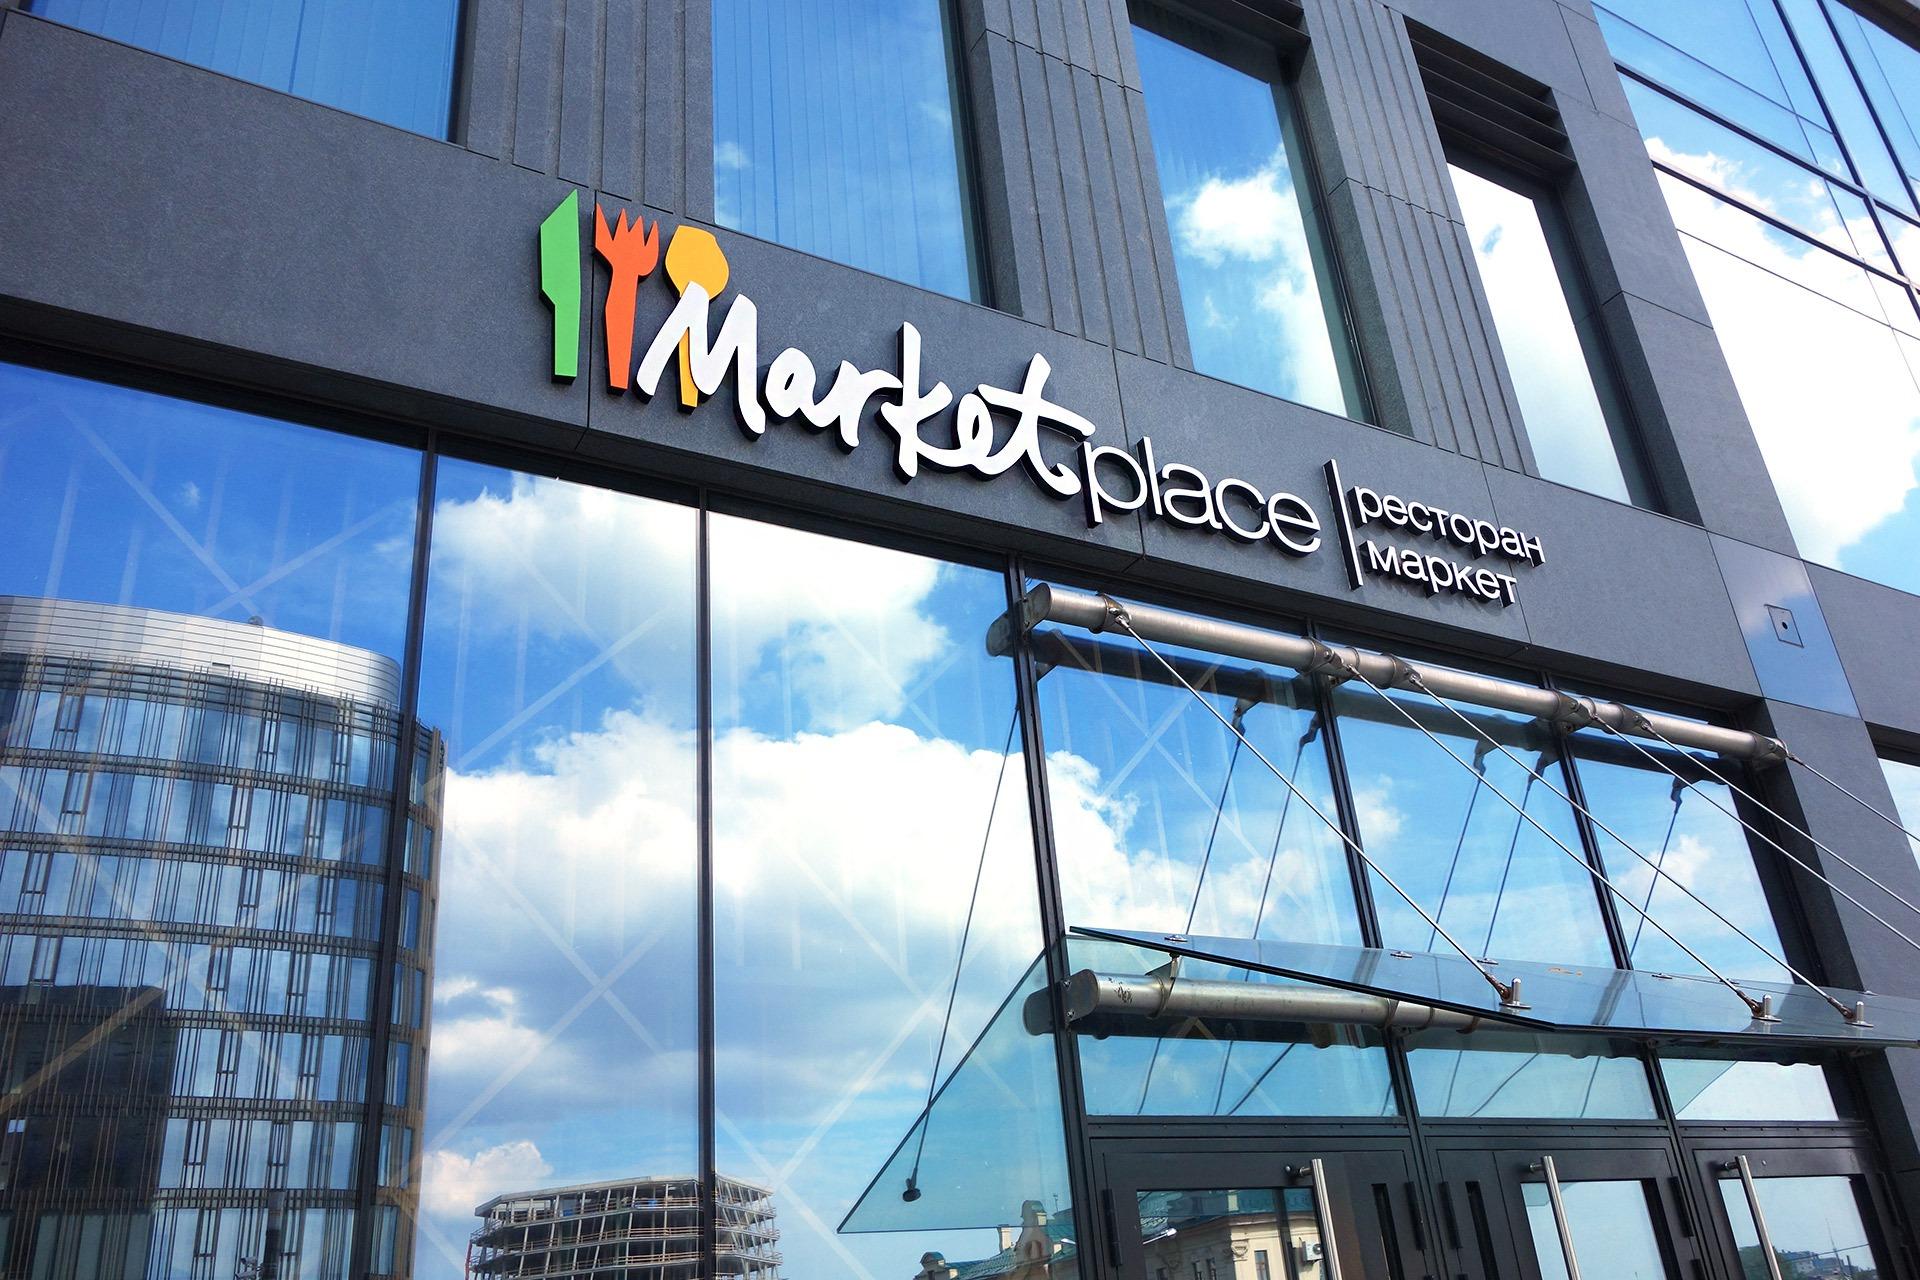 Асгард Брендинг, фирменный стиль, дизайн вывески, айдентика, лого, ресторан Marketplace, дизайн, средовой дизайн, брендинг ресторана